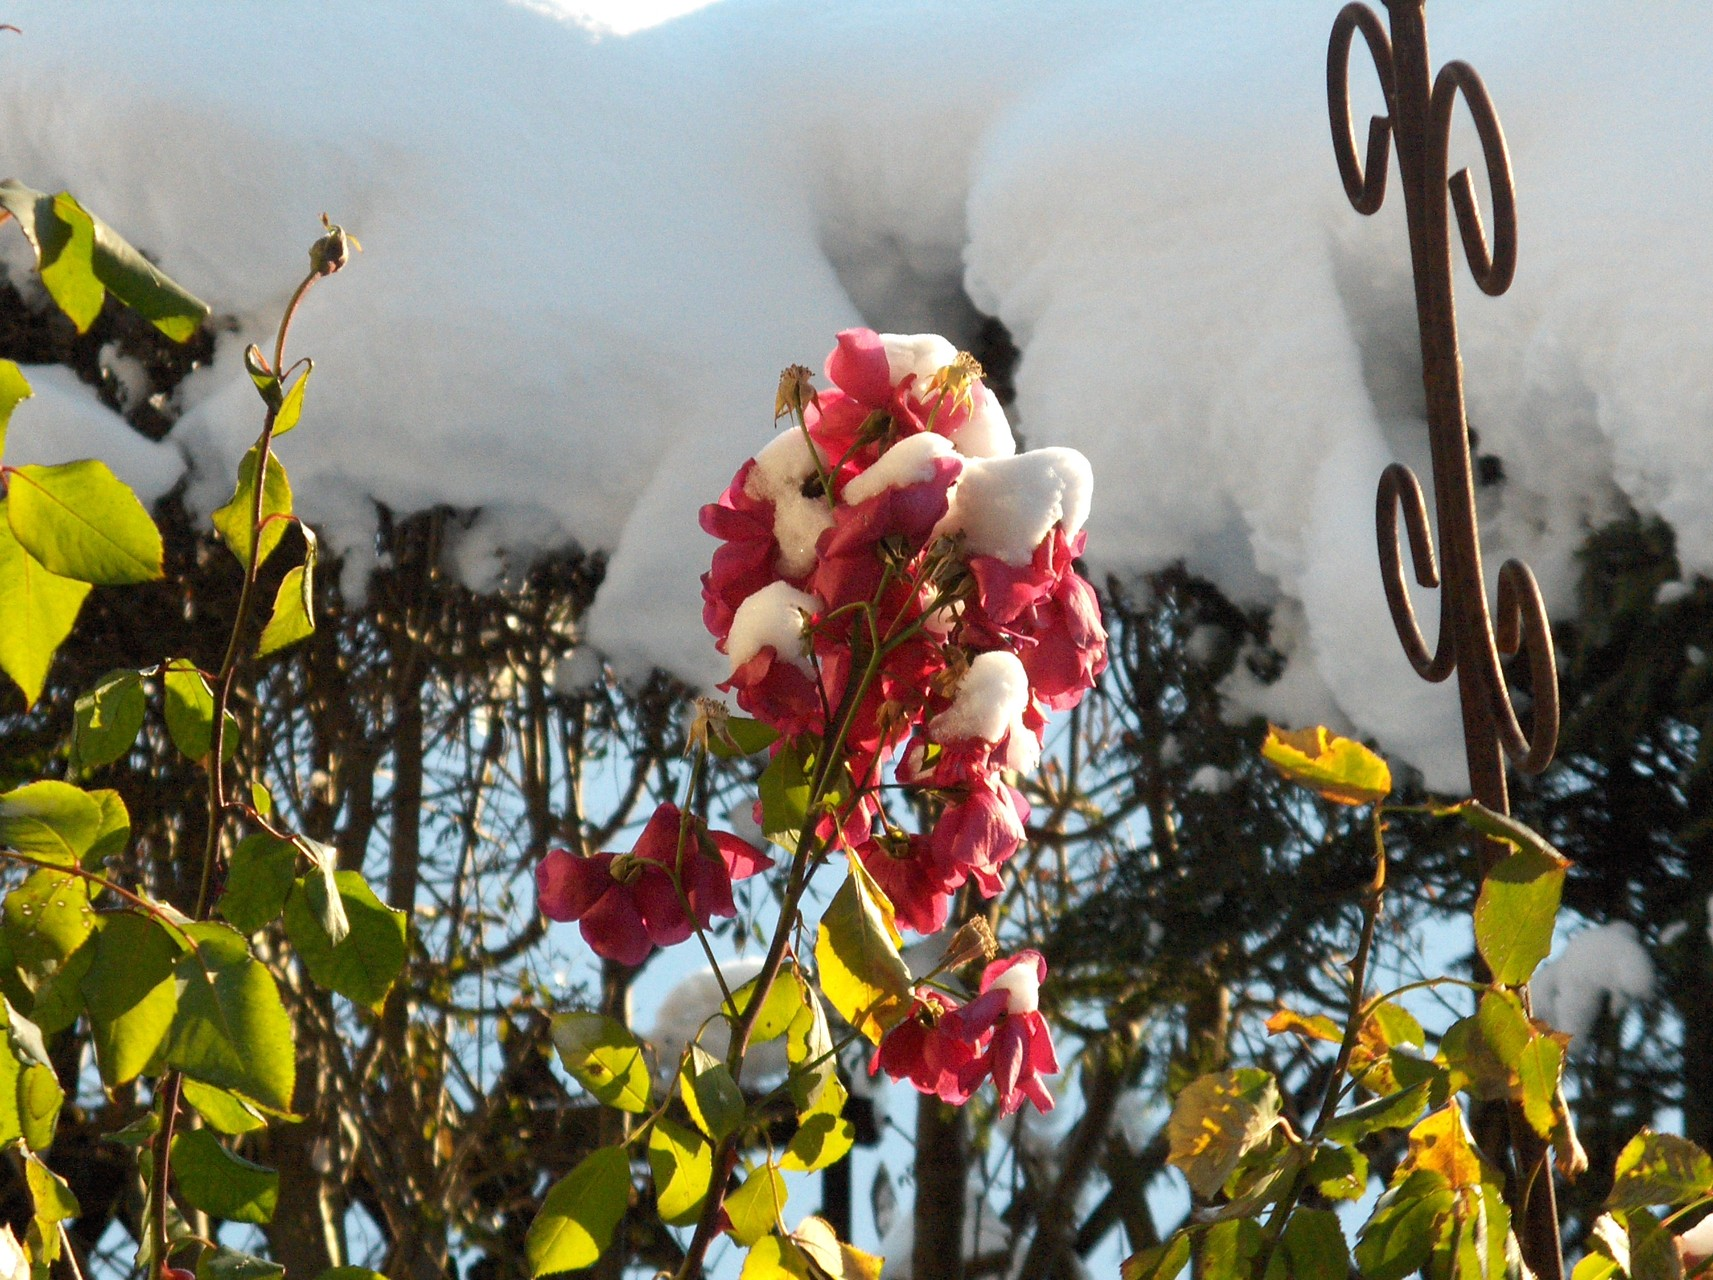 Erster Schnee im Herbst